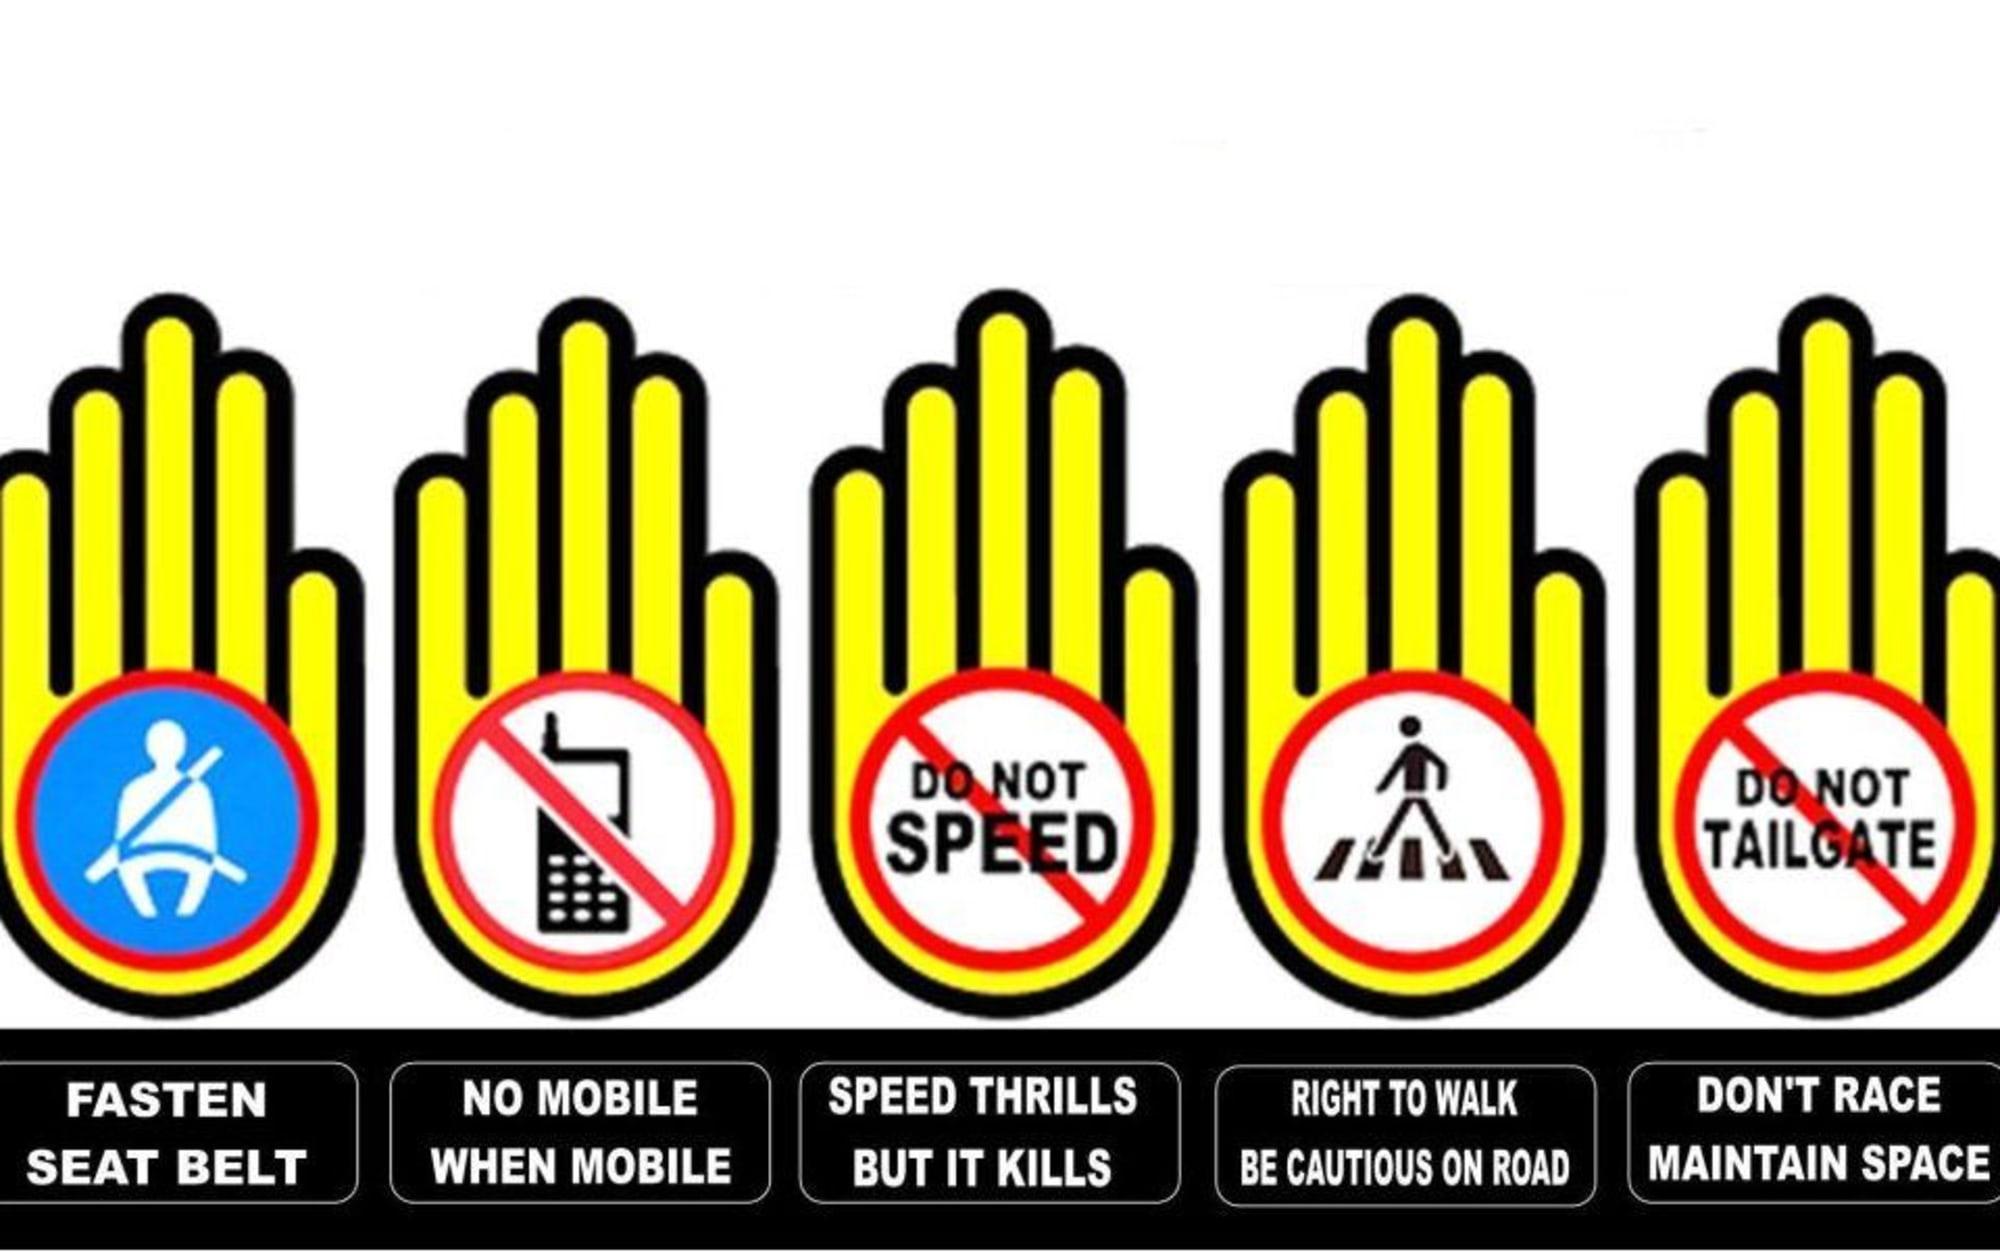 Aklan road safety task force pushed